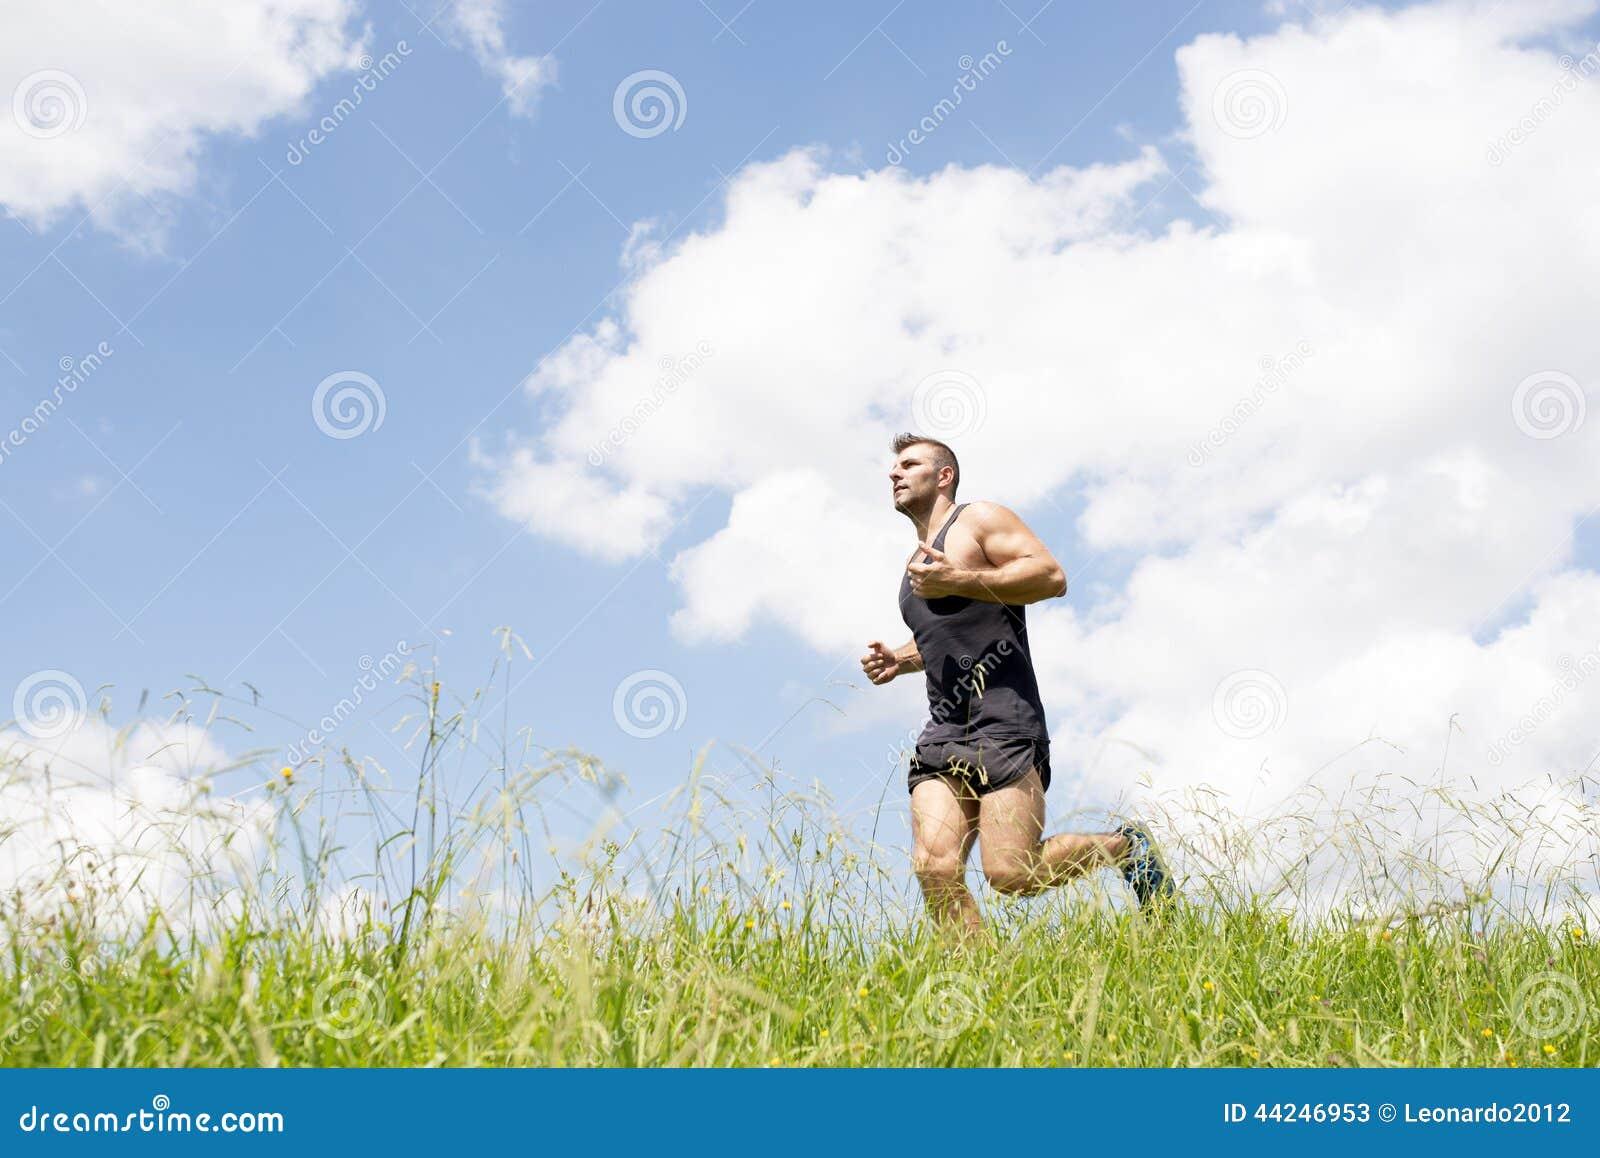 Starker athletischer Mann, der auf dem Feld läuft